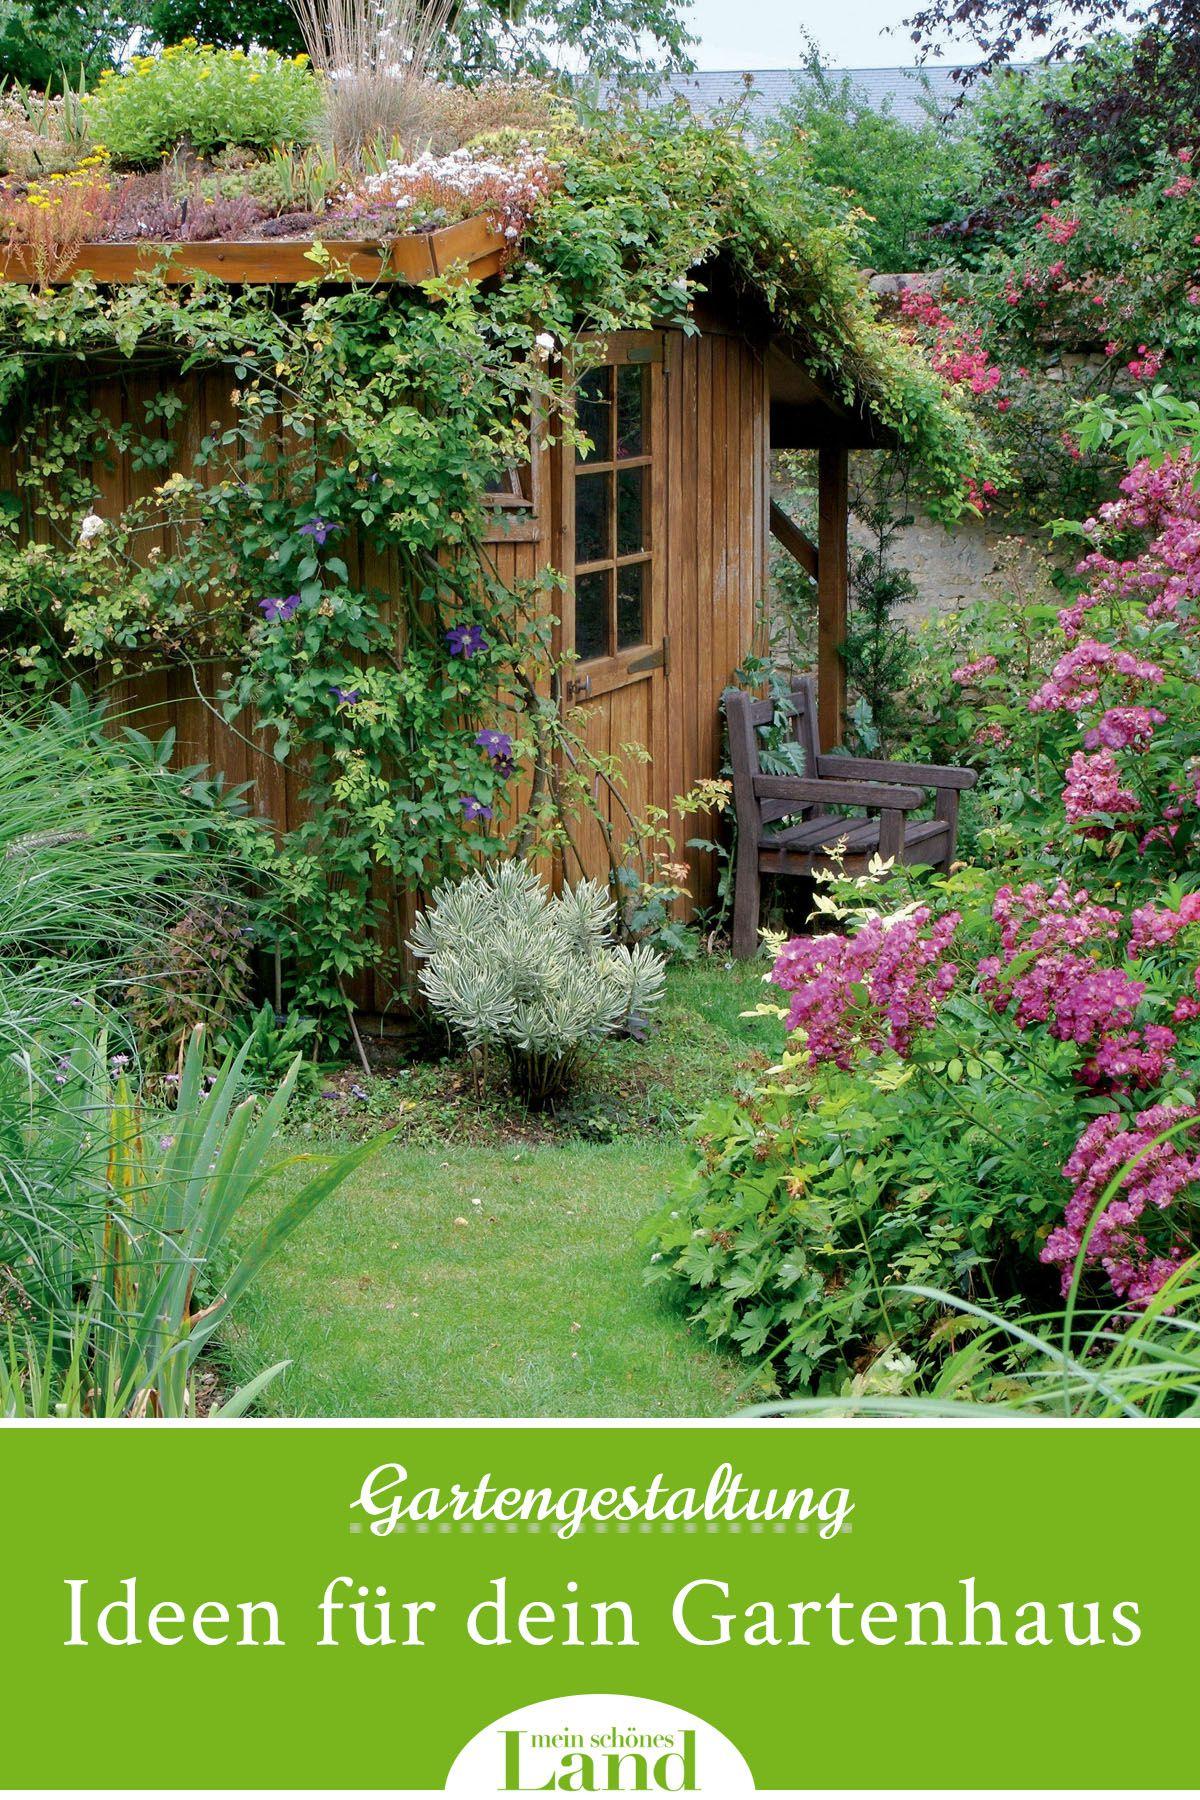 Gartenhäuser können wahre Schmuckstücke sein- wenn man sie richtig pflegt. In unserem Artikel geben wir dir Tipps, worauf du bei einem Anstrich achten solltest und wie du dein Häuschen perfekt pflegst.  #garden #gartenhaus #fruehling #inspiration #kreativ